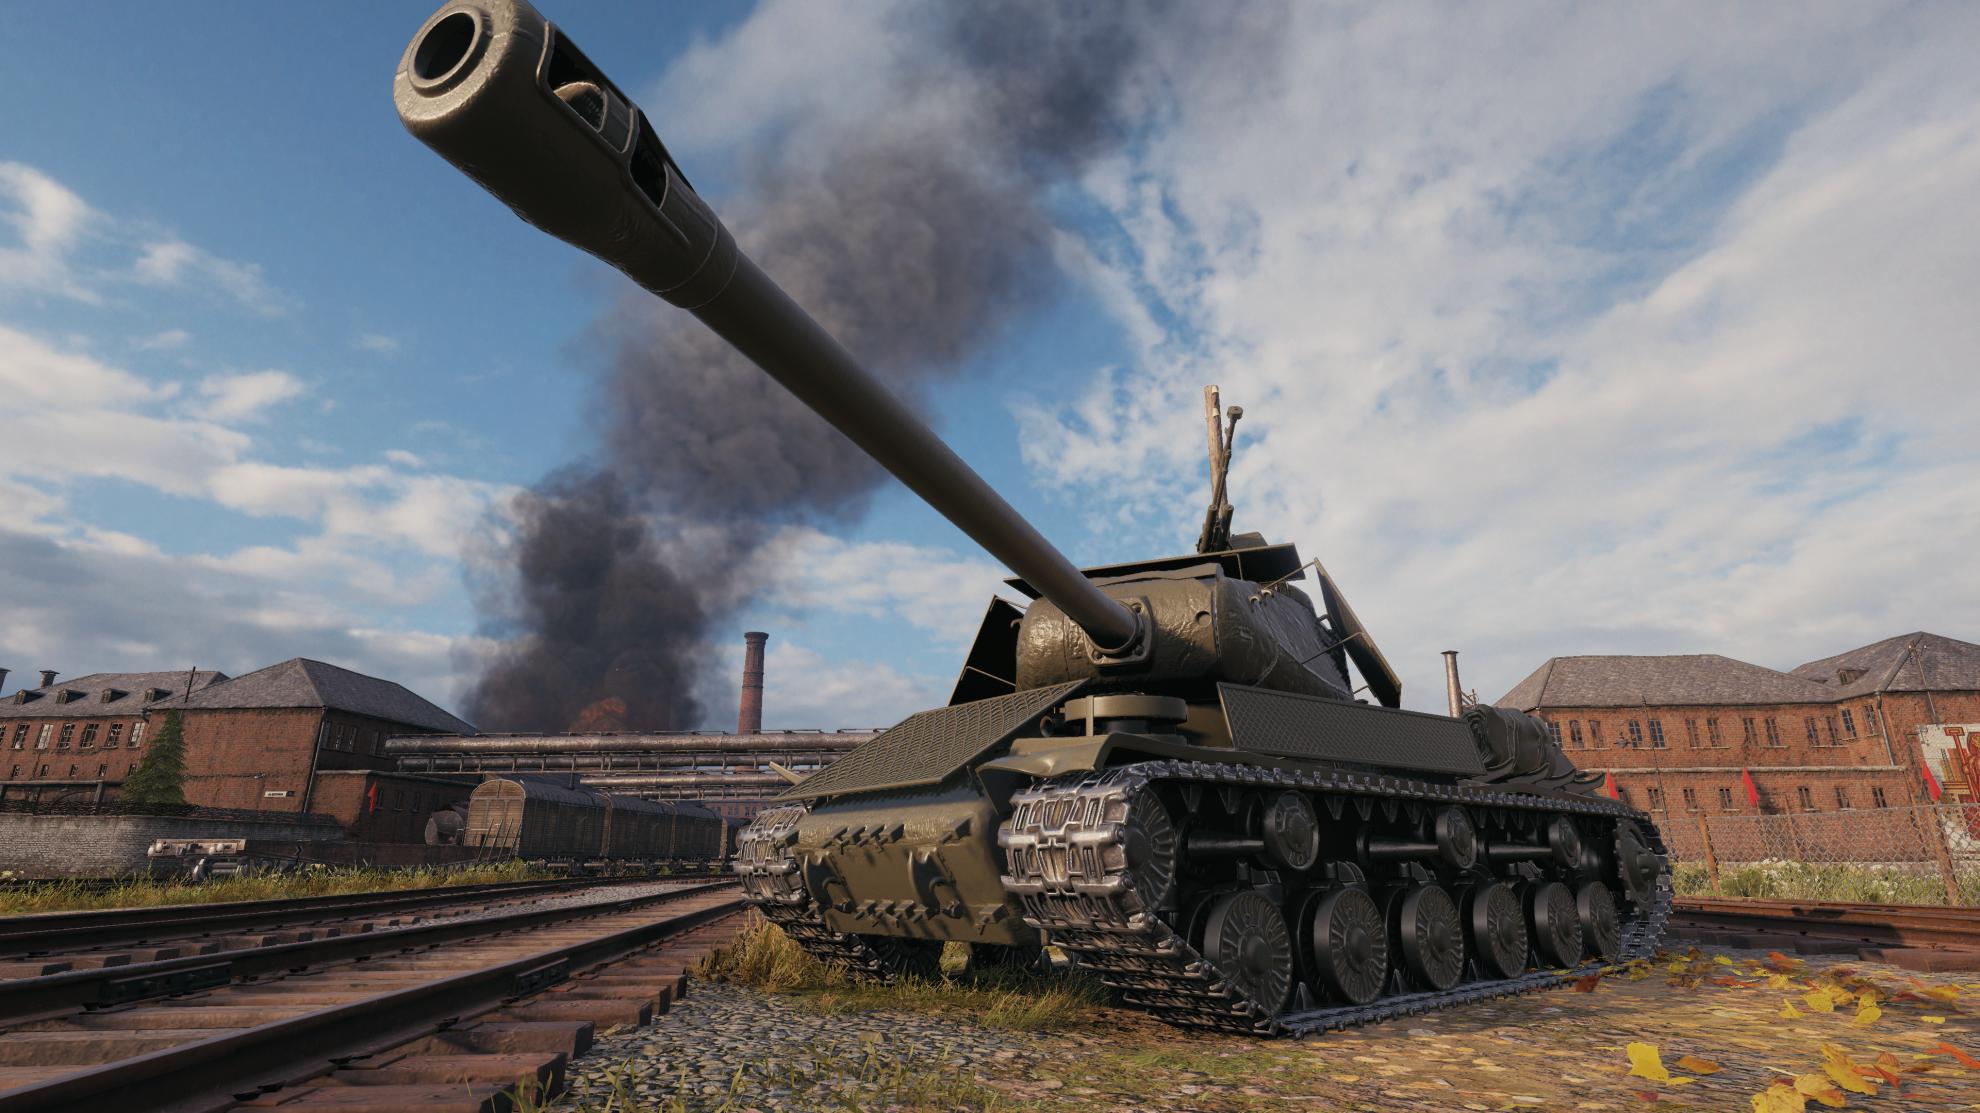 Обзор ИС-2Э — прем танк в награду за новое событие в WoT